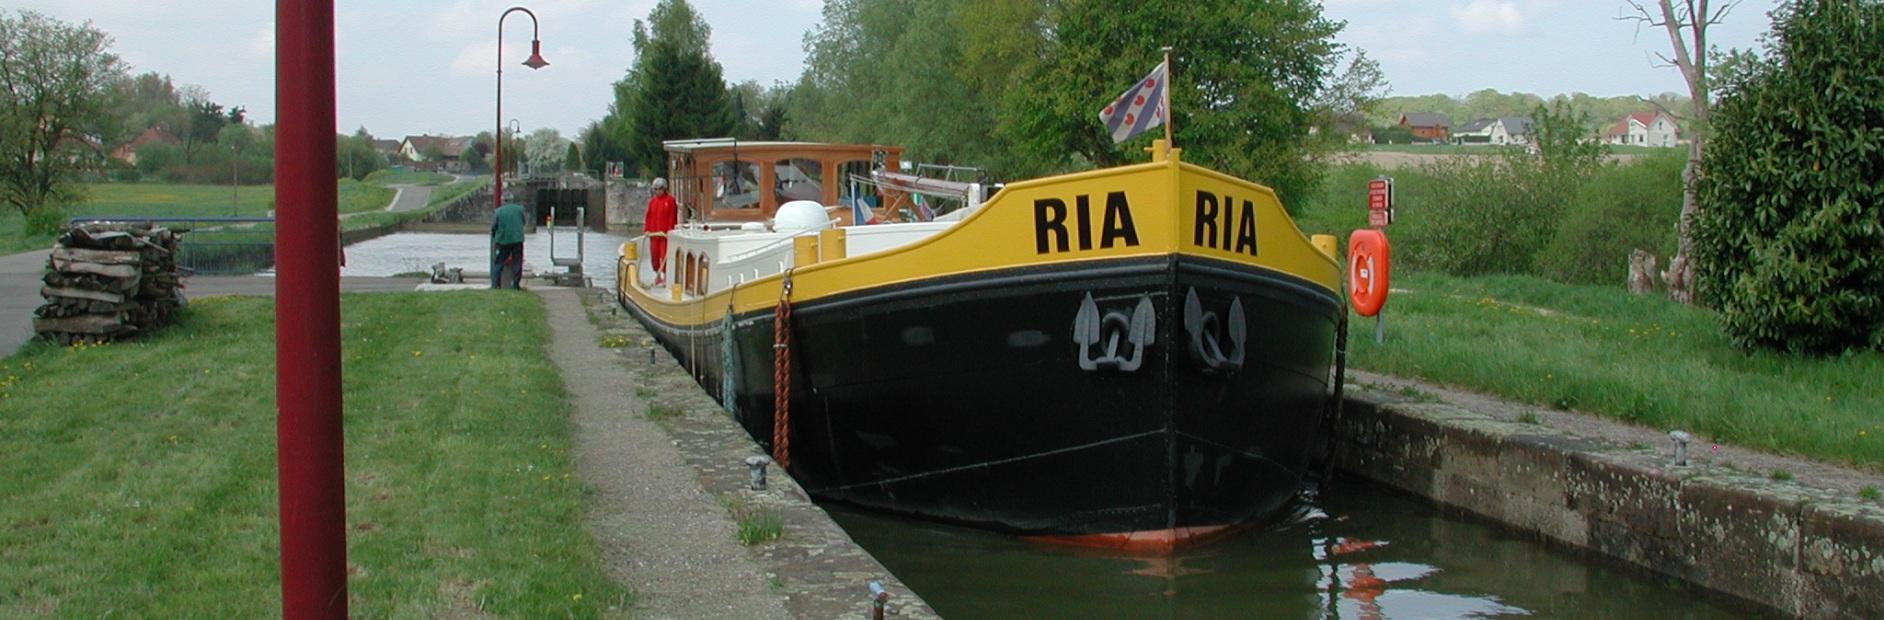 RIA_0190